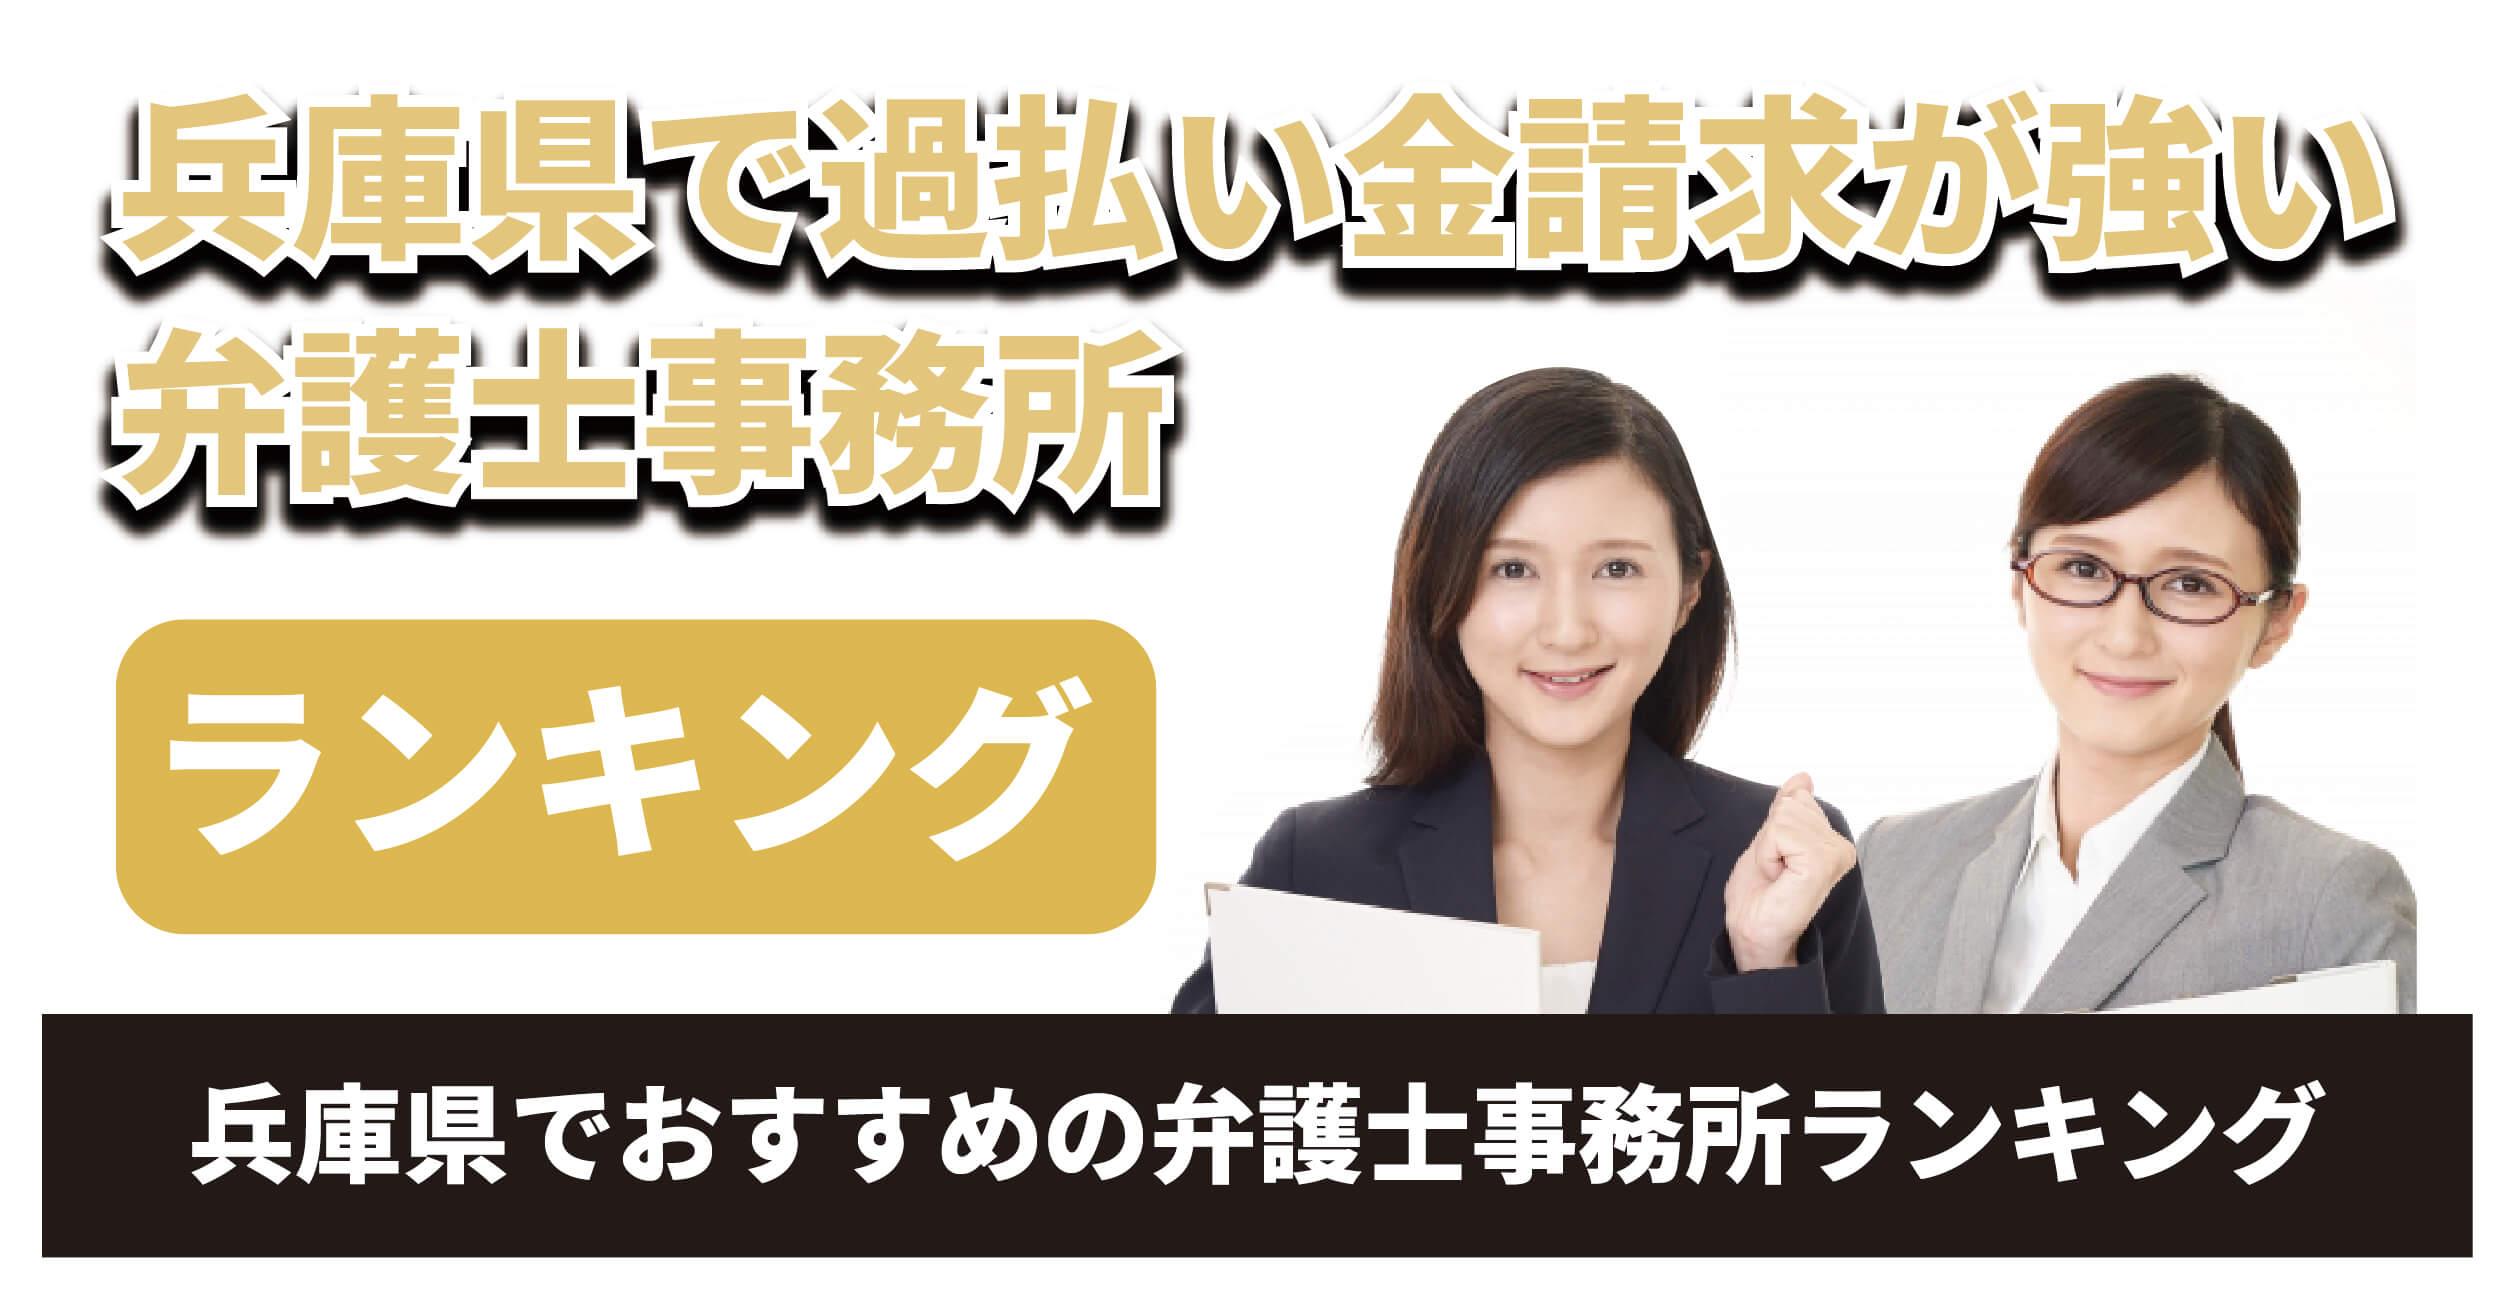 兵庫県で過払い金請求が強い弁護士は?